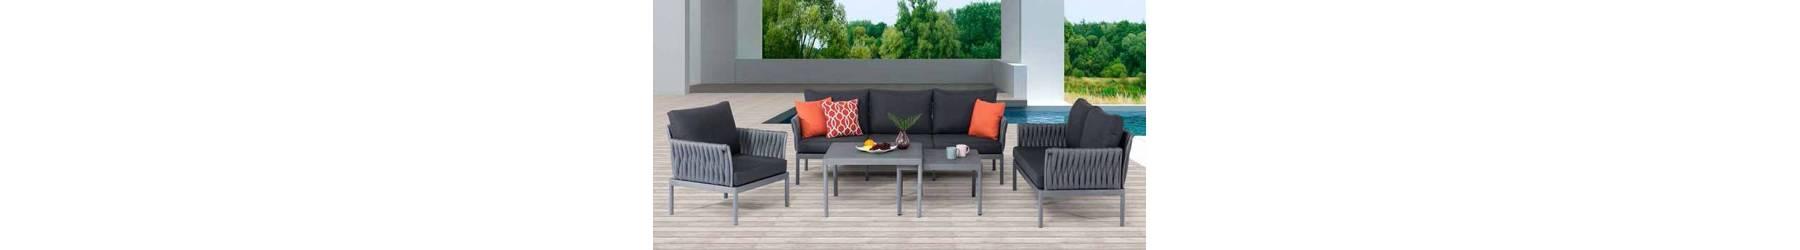 Καθιστικά και σαλόνια κήπου και βεράντας από αλουμίνιο